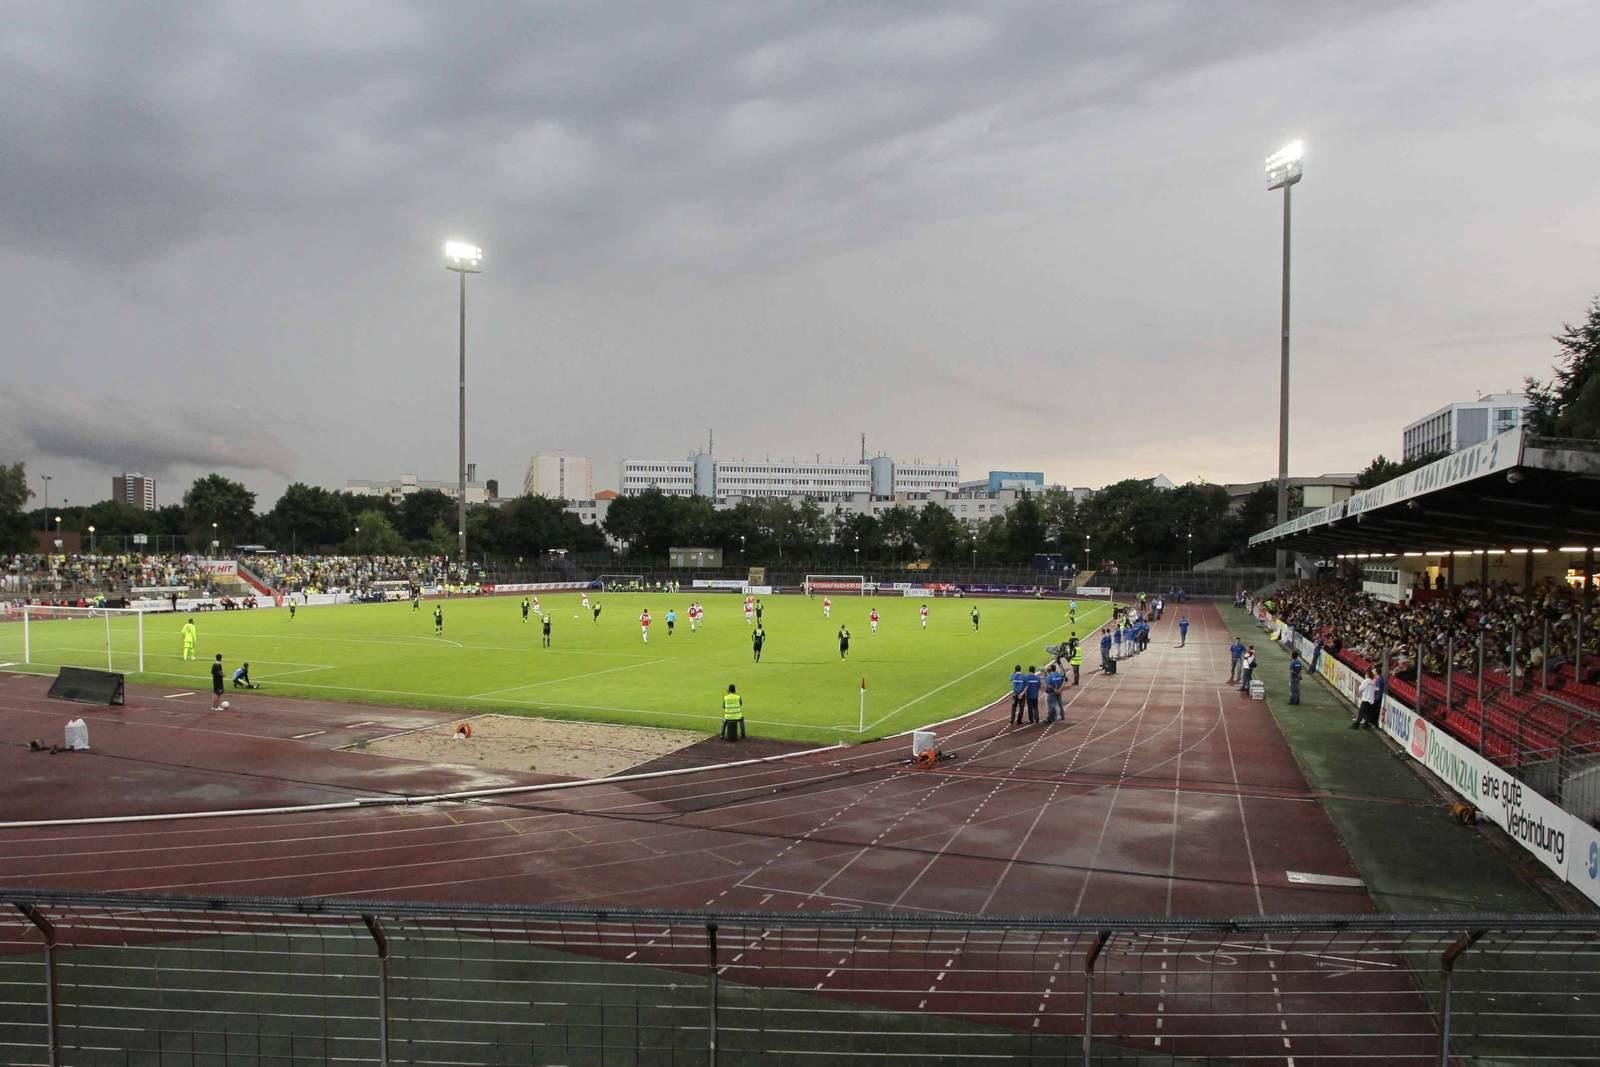 Das Südstadion, Heimspielstätte von Fortuna Köln. Mehr zu Daten und Geschichte des Stadions.